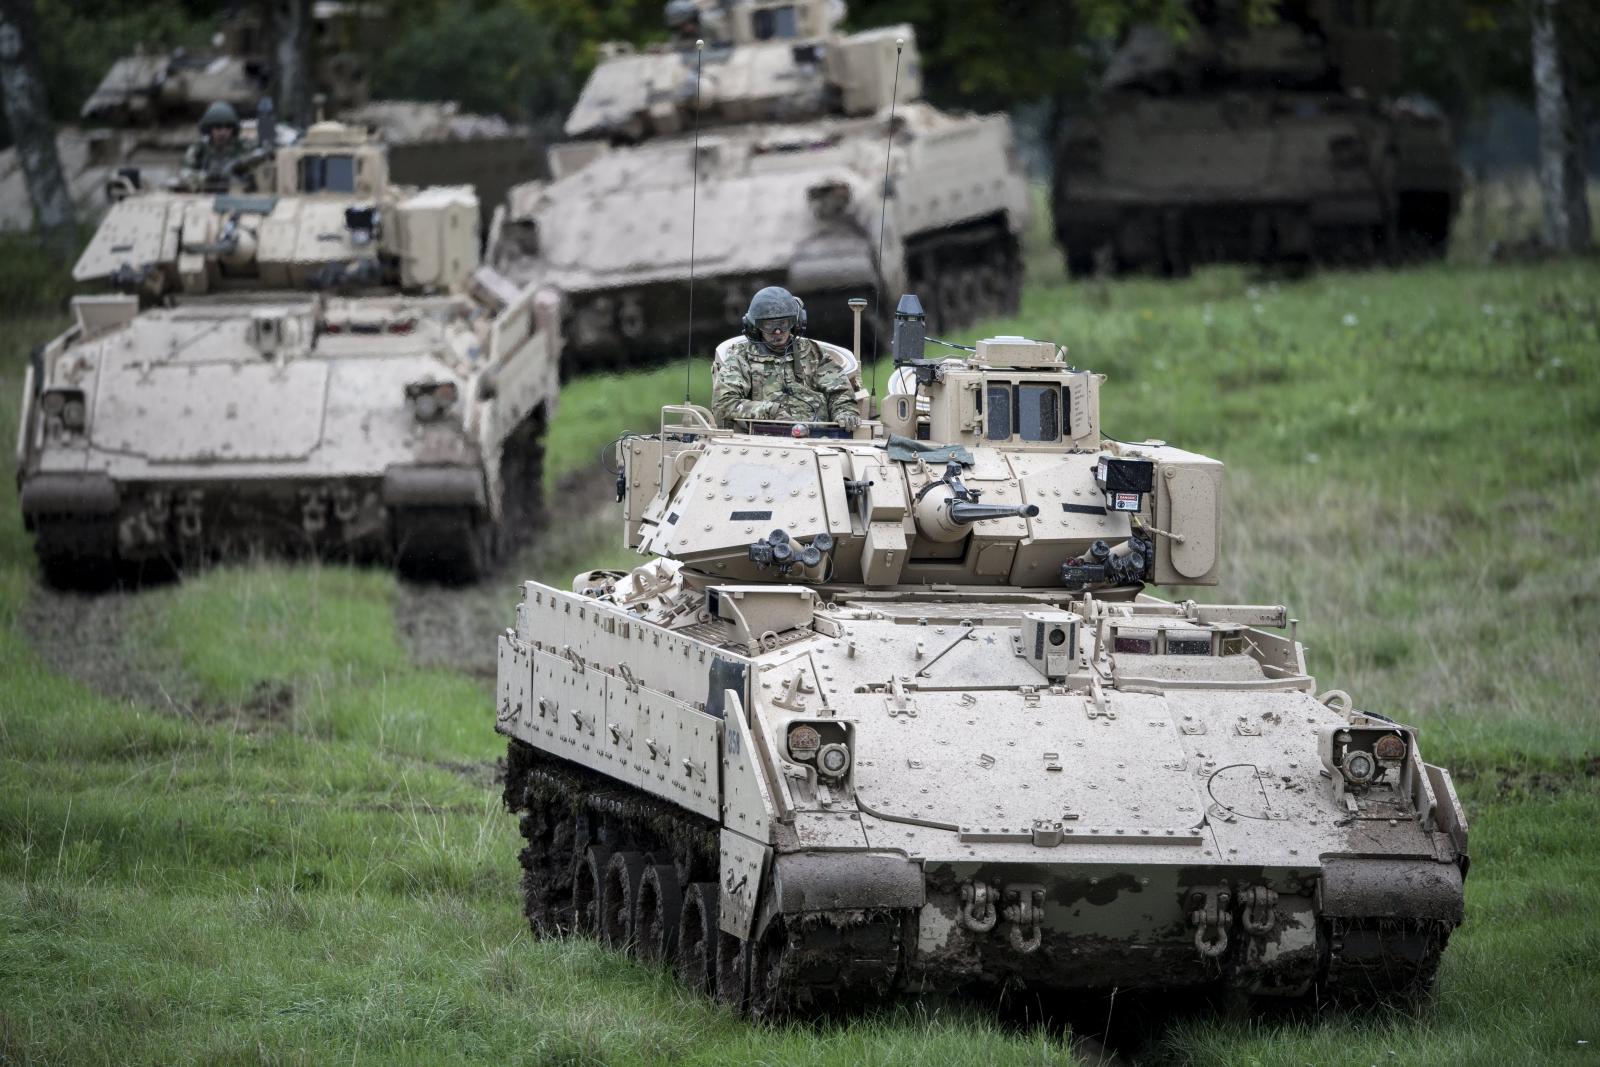 Ćwiczenia NATO w Szwecji EPA/Bjorn Larsson Rosvall/TT  SWEDEN OUT